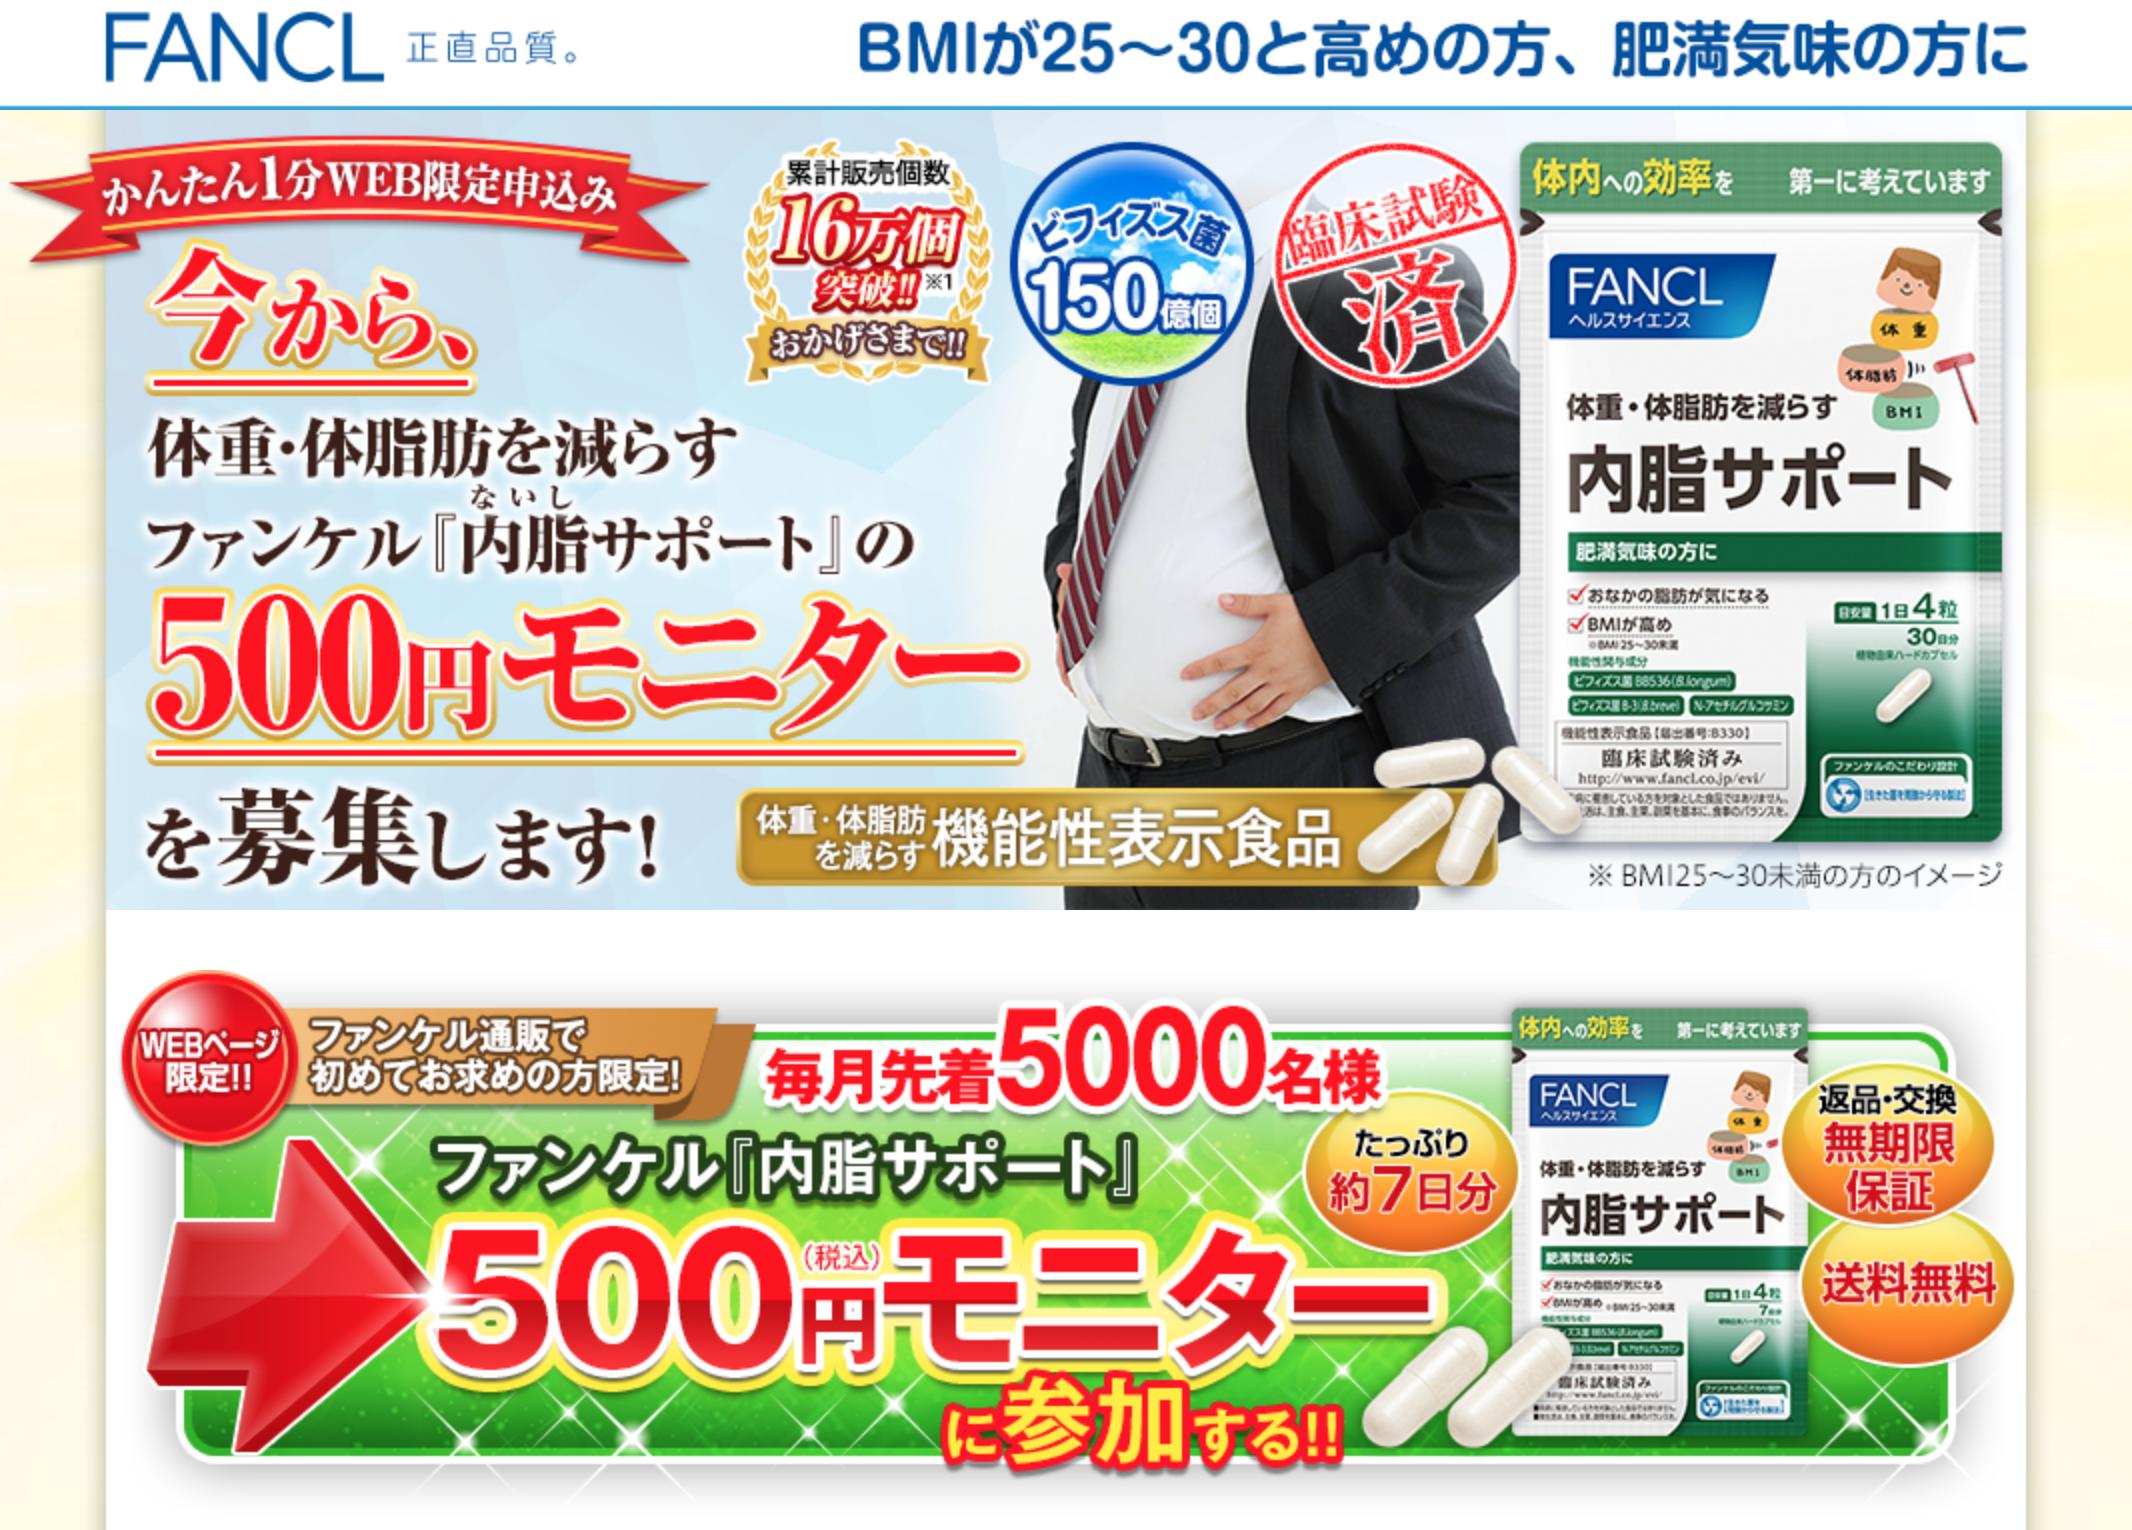 内脂サポートの500円モニター